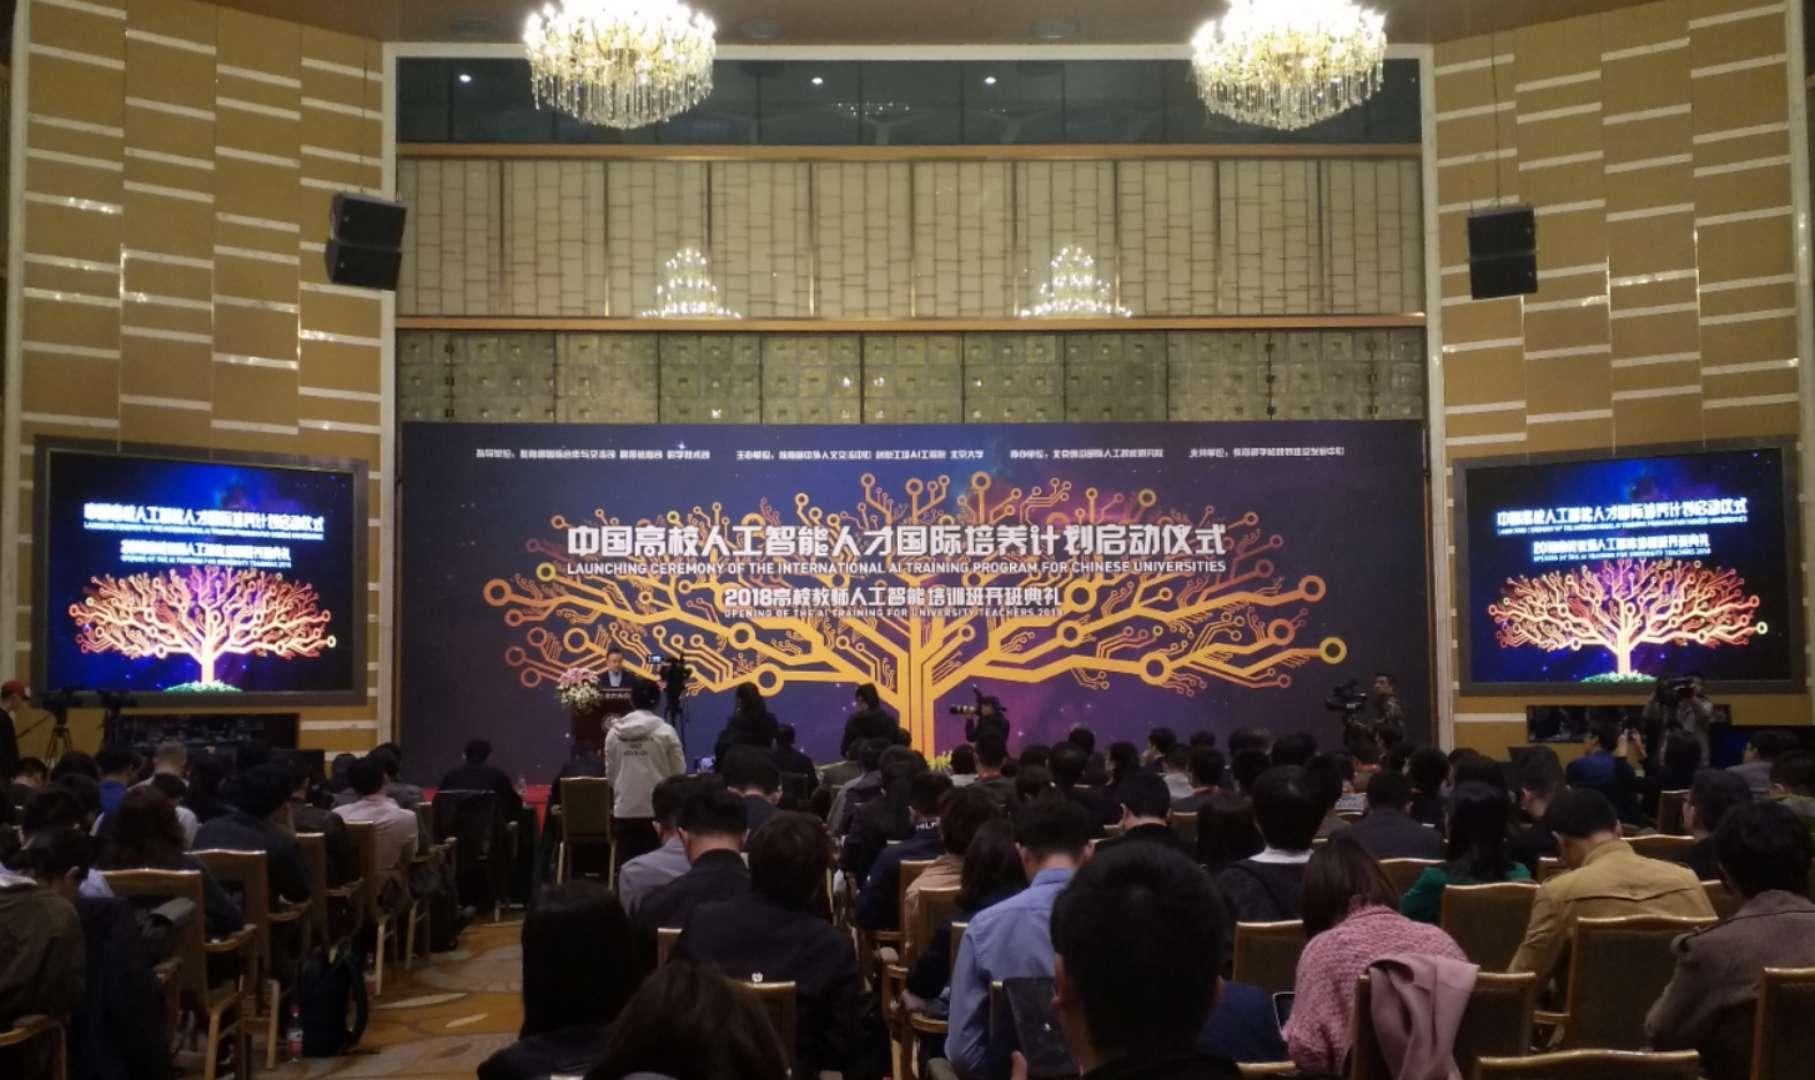 教育部、创新工场、北大联合推出中国首个高校AI人才国际培养计划